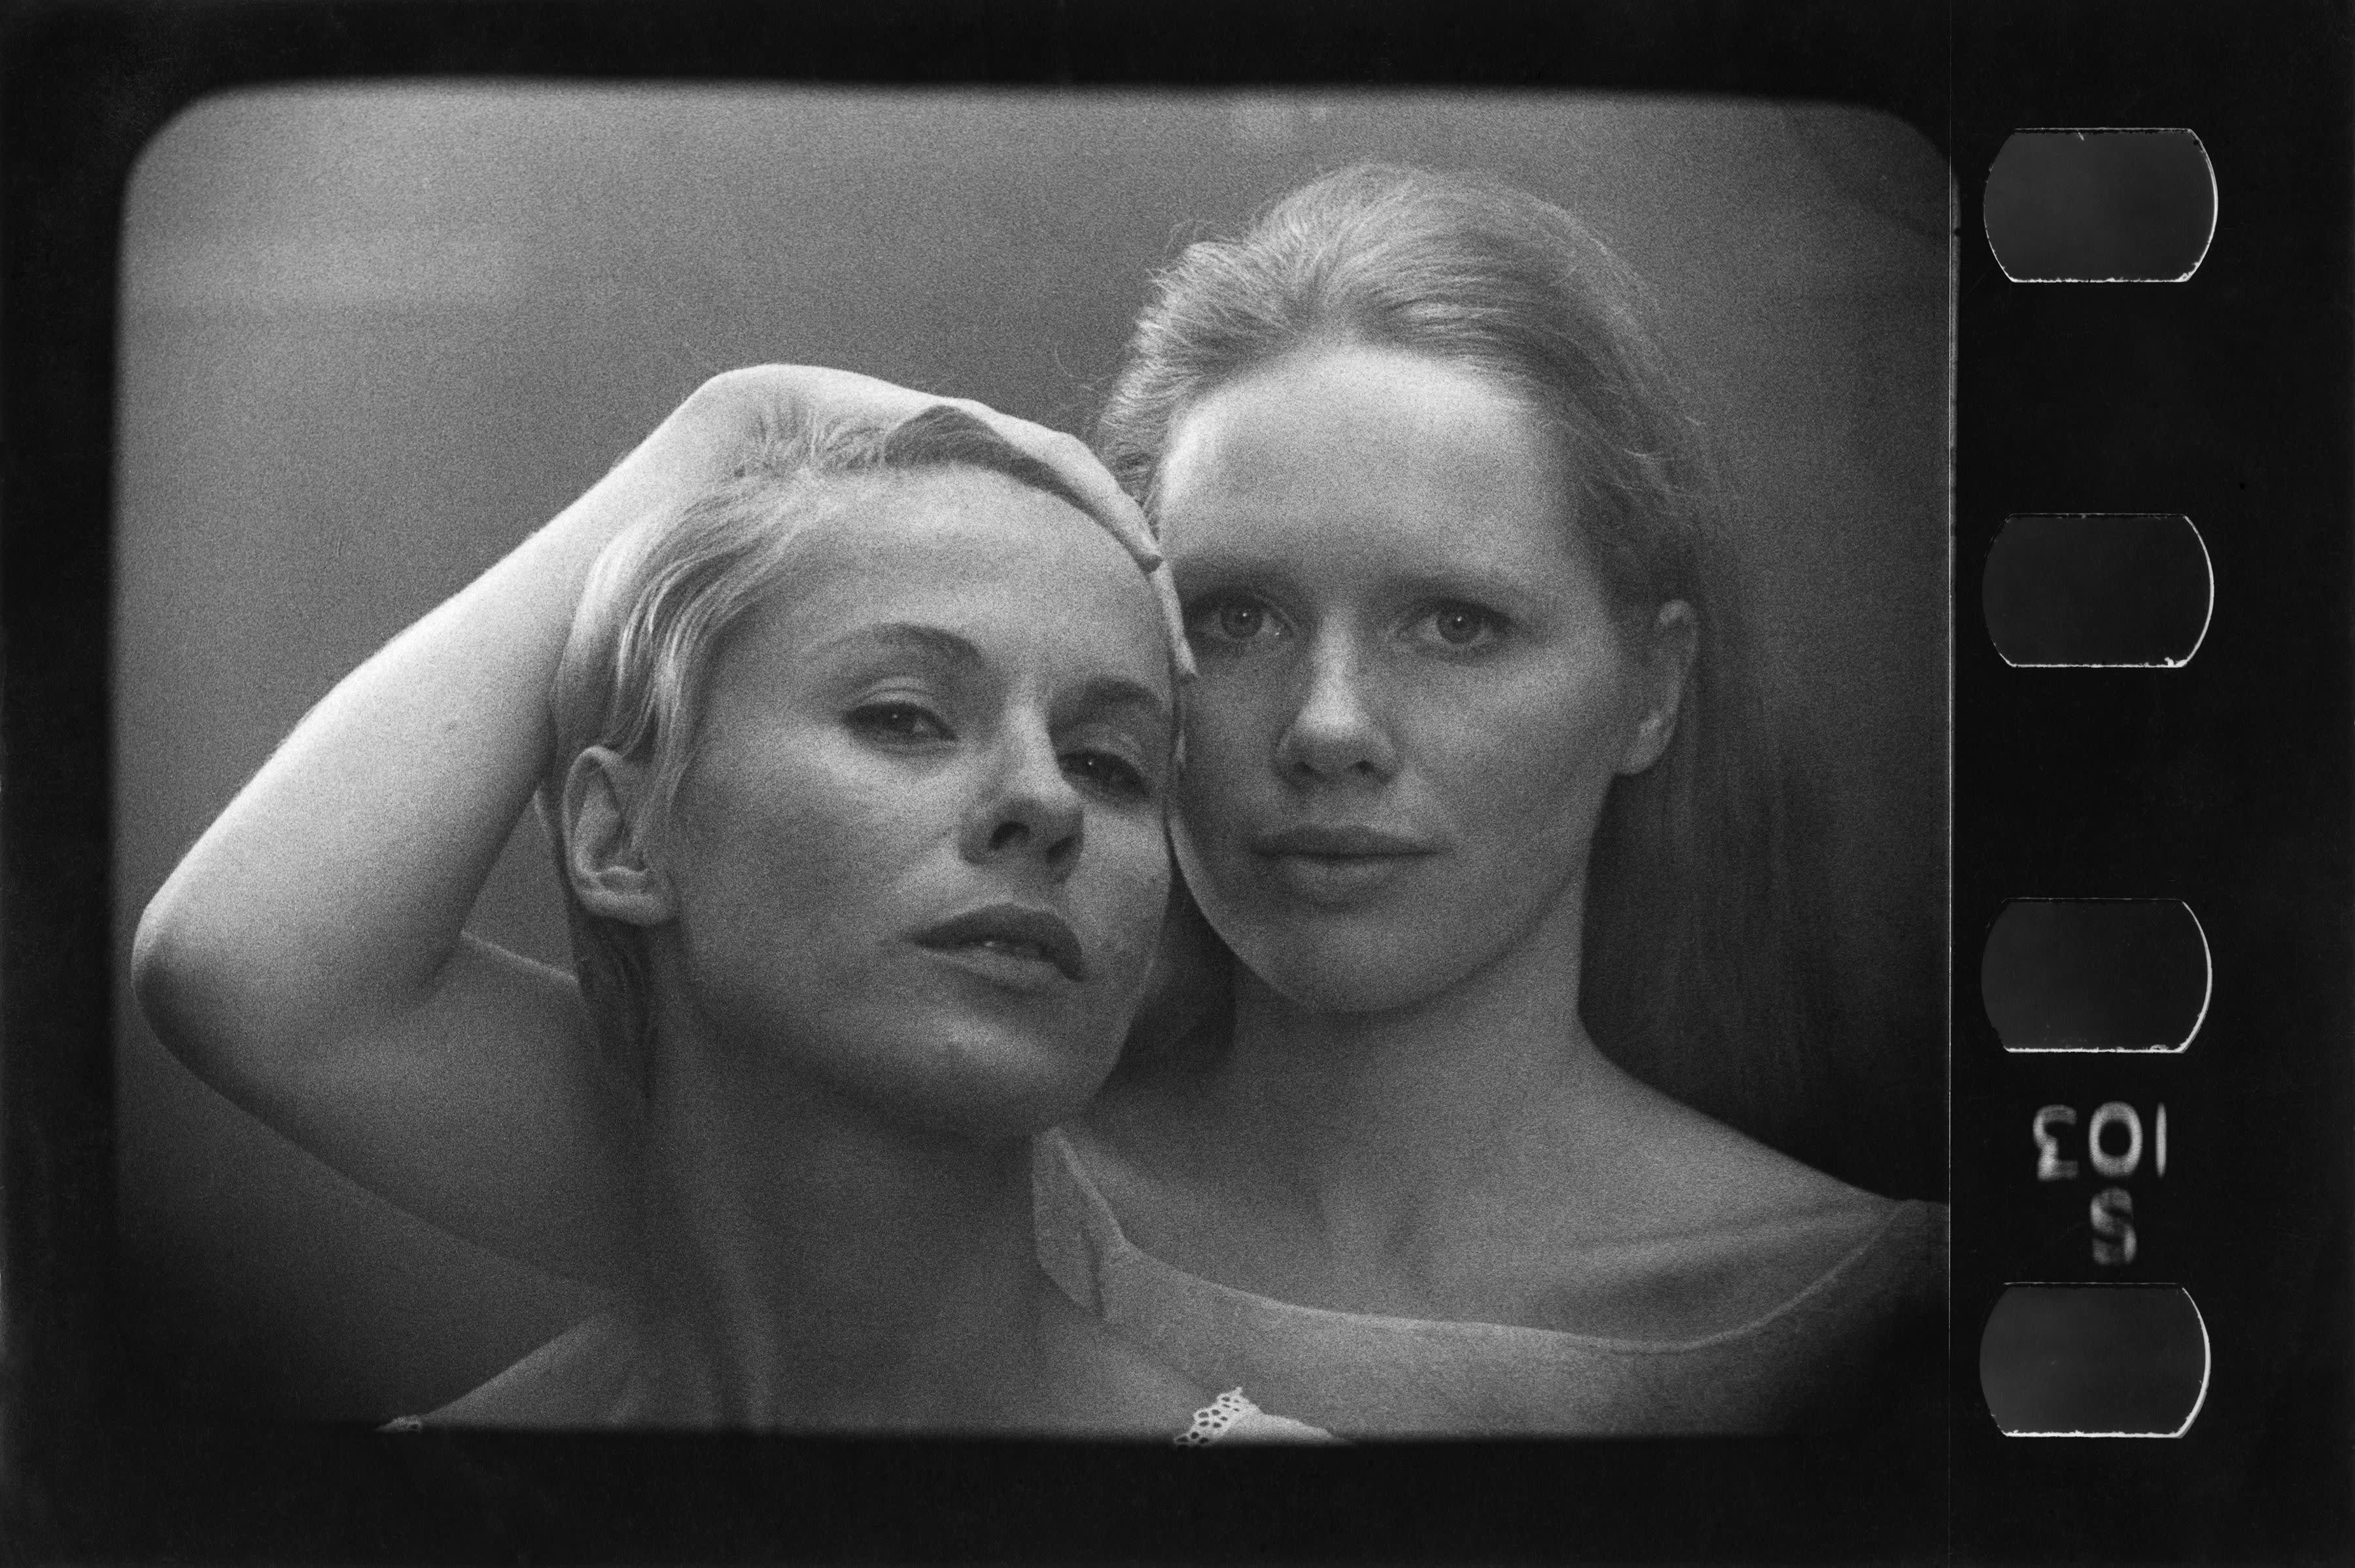 《假面》,1966。